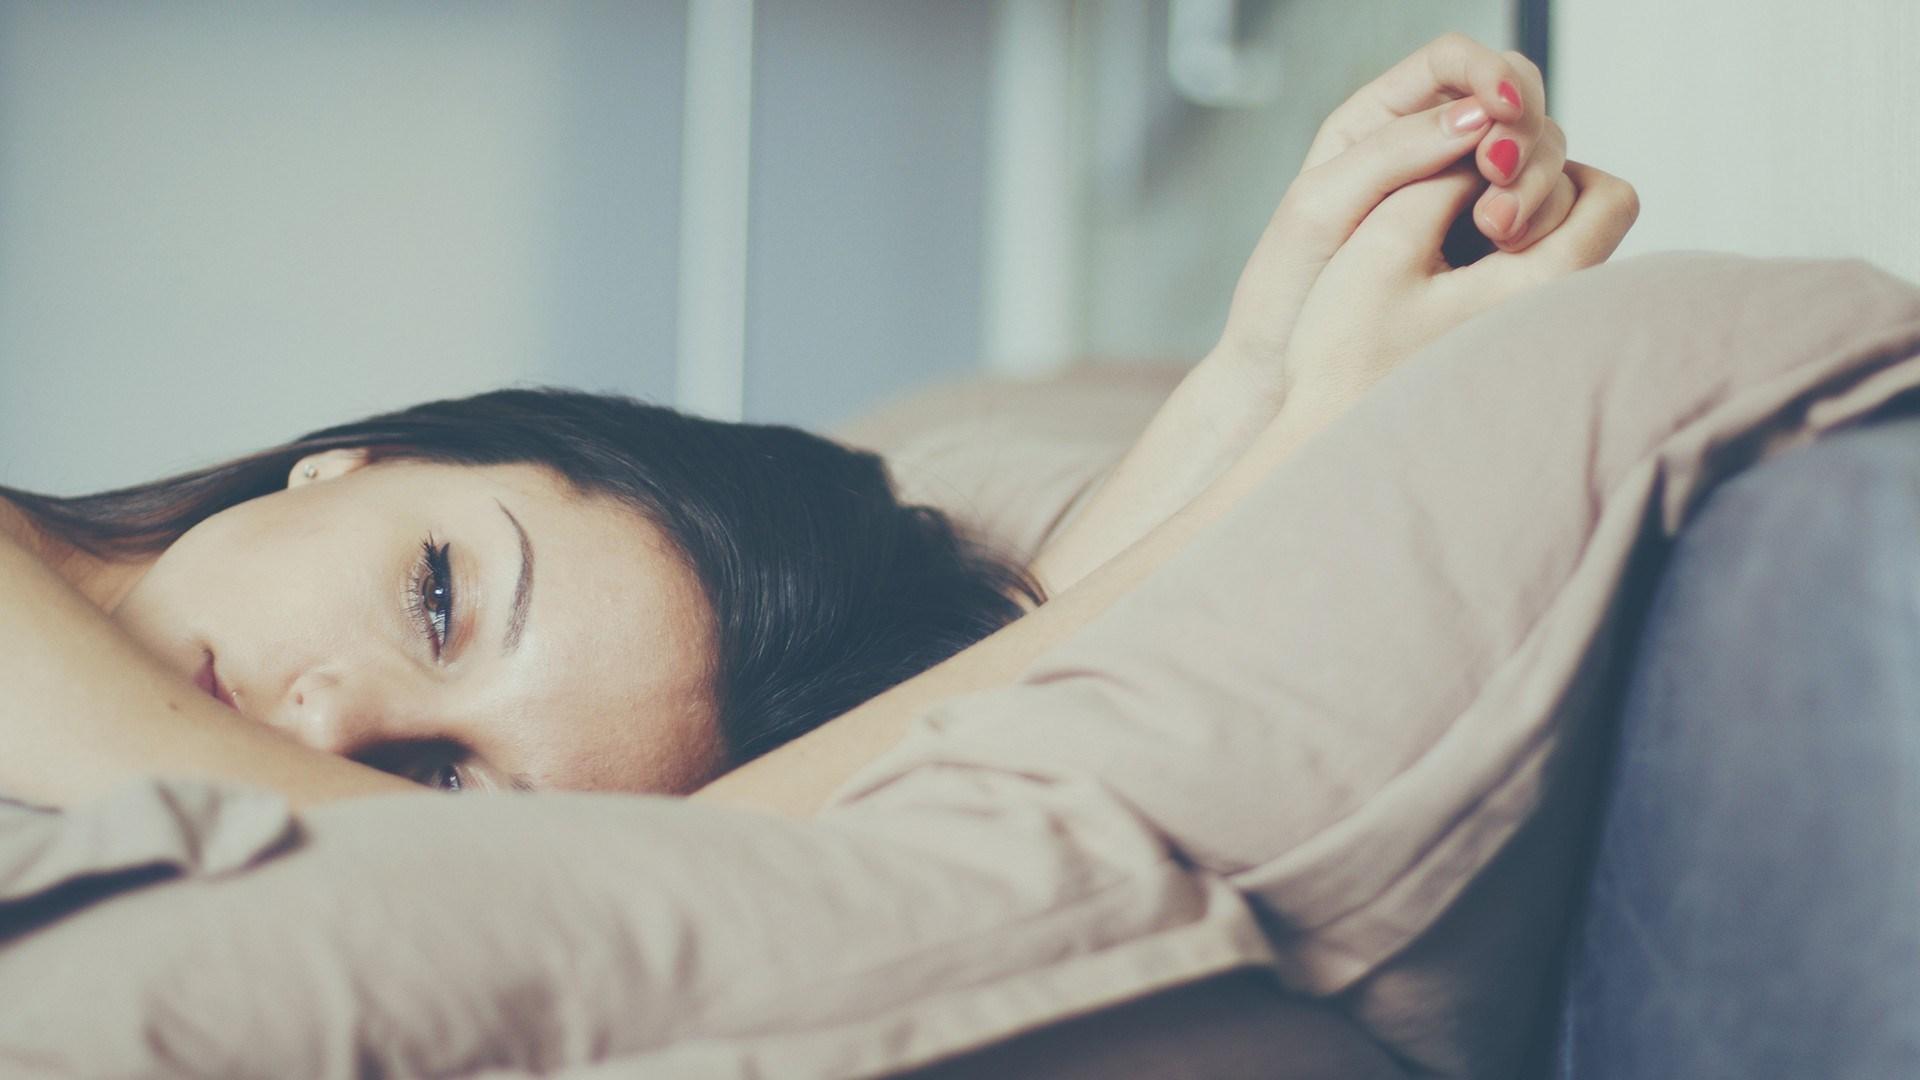 ELLE lắng nghe bạn: Bước qua sai lầm và tha thứ cho chính mình